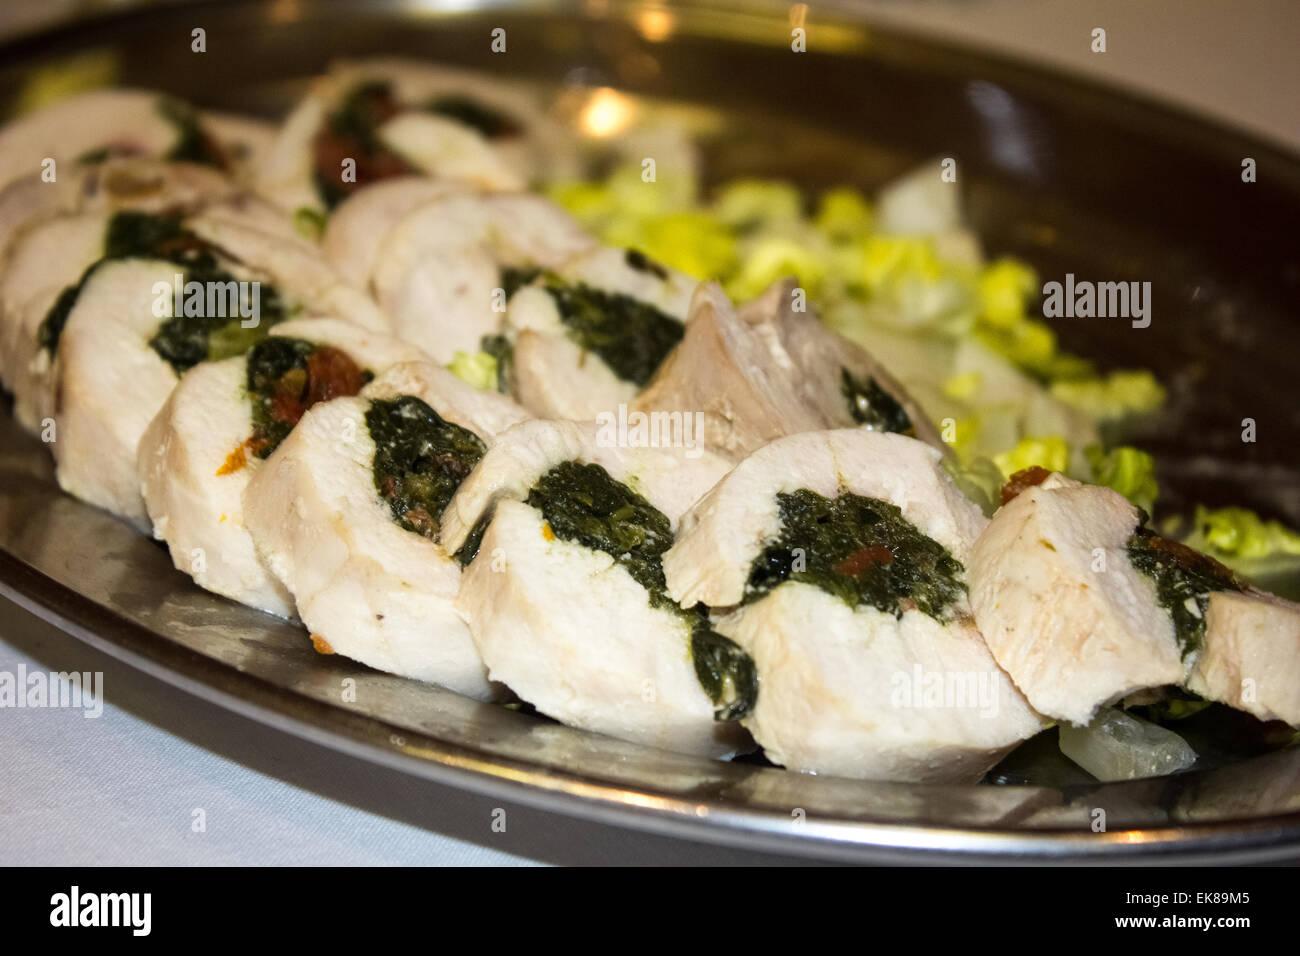 Hähnchen-Canapés gefüllt mit Spinat und Cranberry-Sauce mit Salat auf der Seite auf einen Teller Stockbild